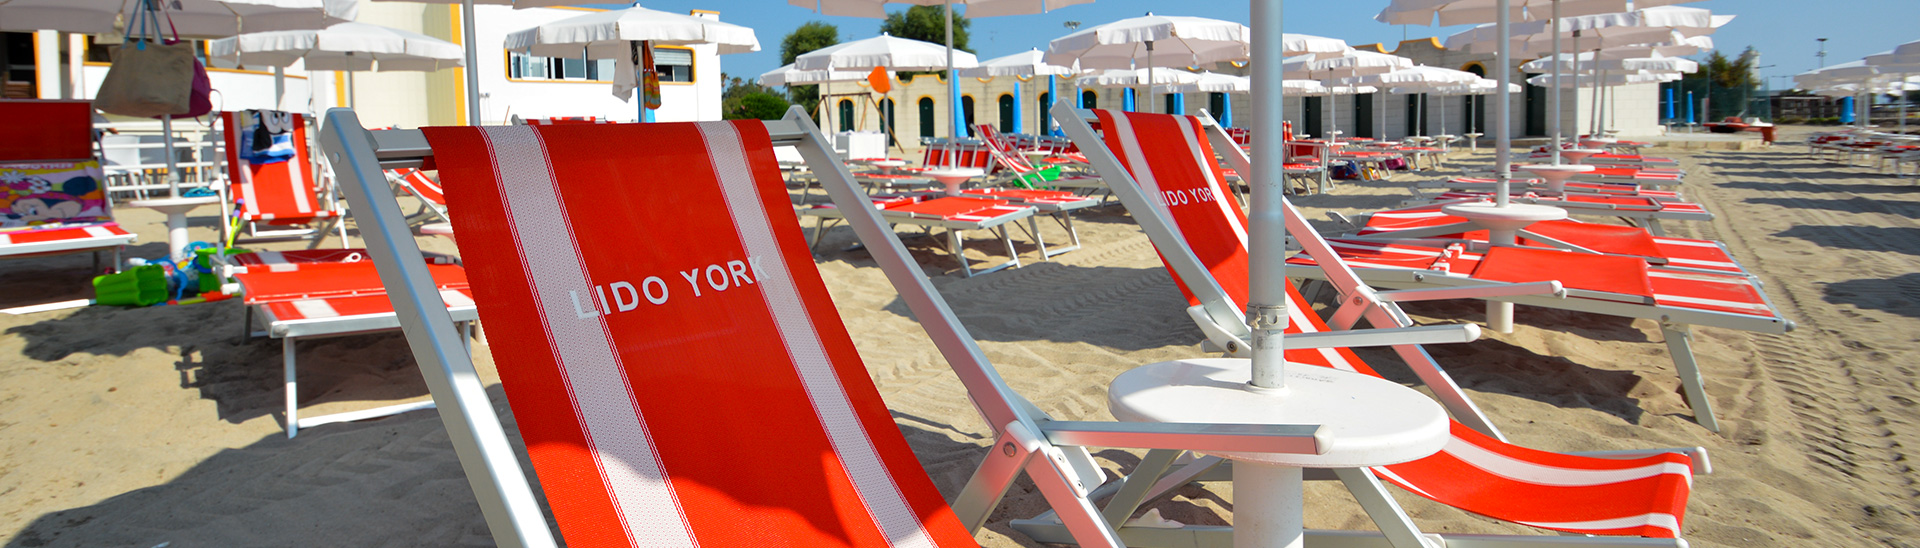 Spiaggia del Salento - Lido York- Stabilimento balneare